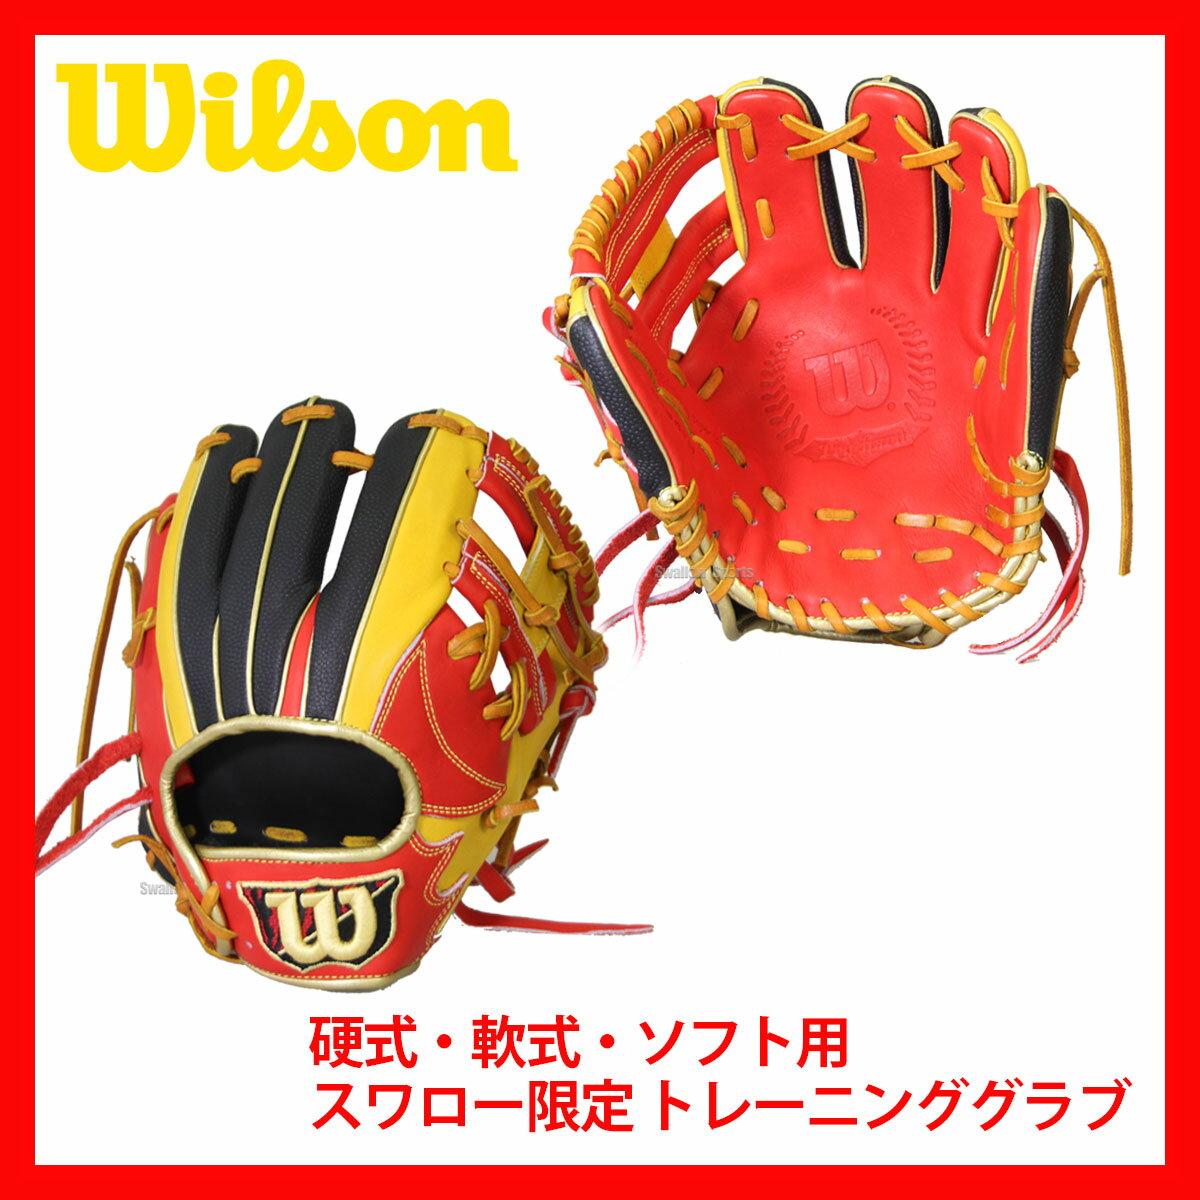 【あす楽対応】 ウィルソン 硬式・軟式・ソフト用 スワロー限定 トレーニング グラブ WTAHTP6THS グローブ 野球用品 スワロースポーツ